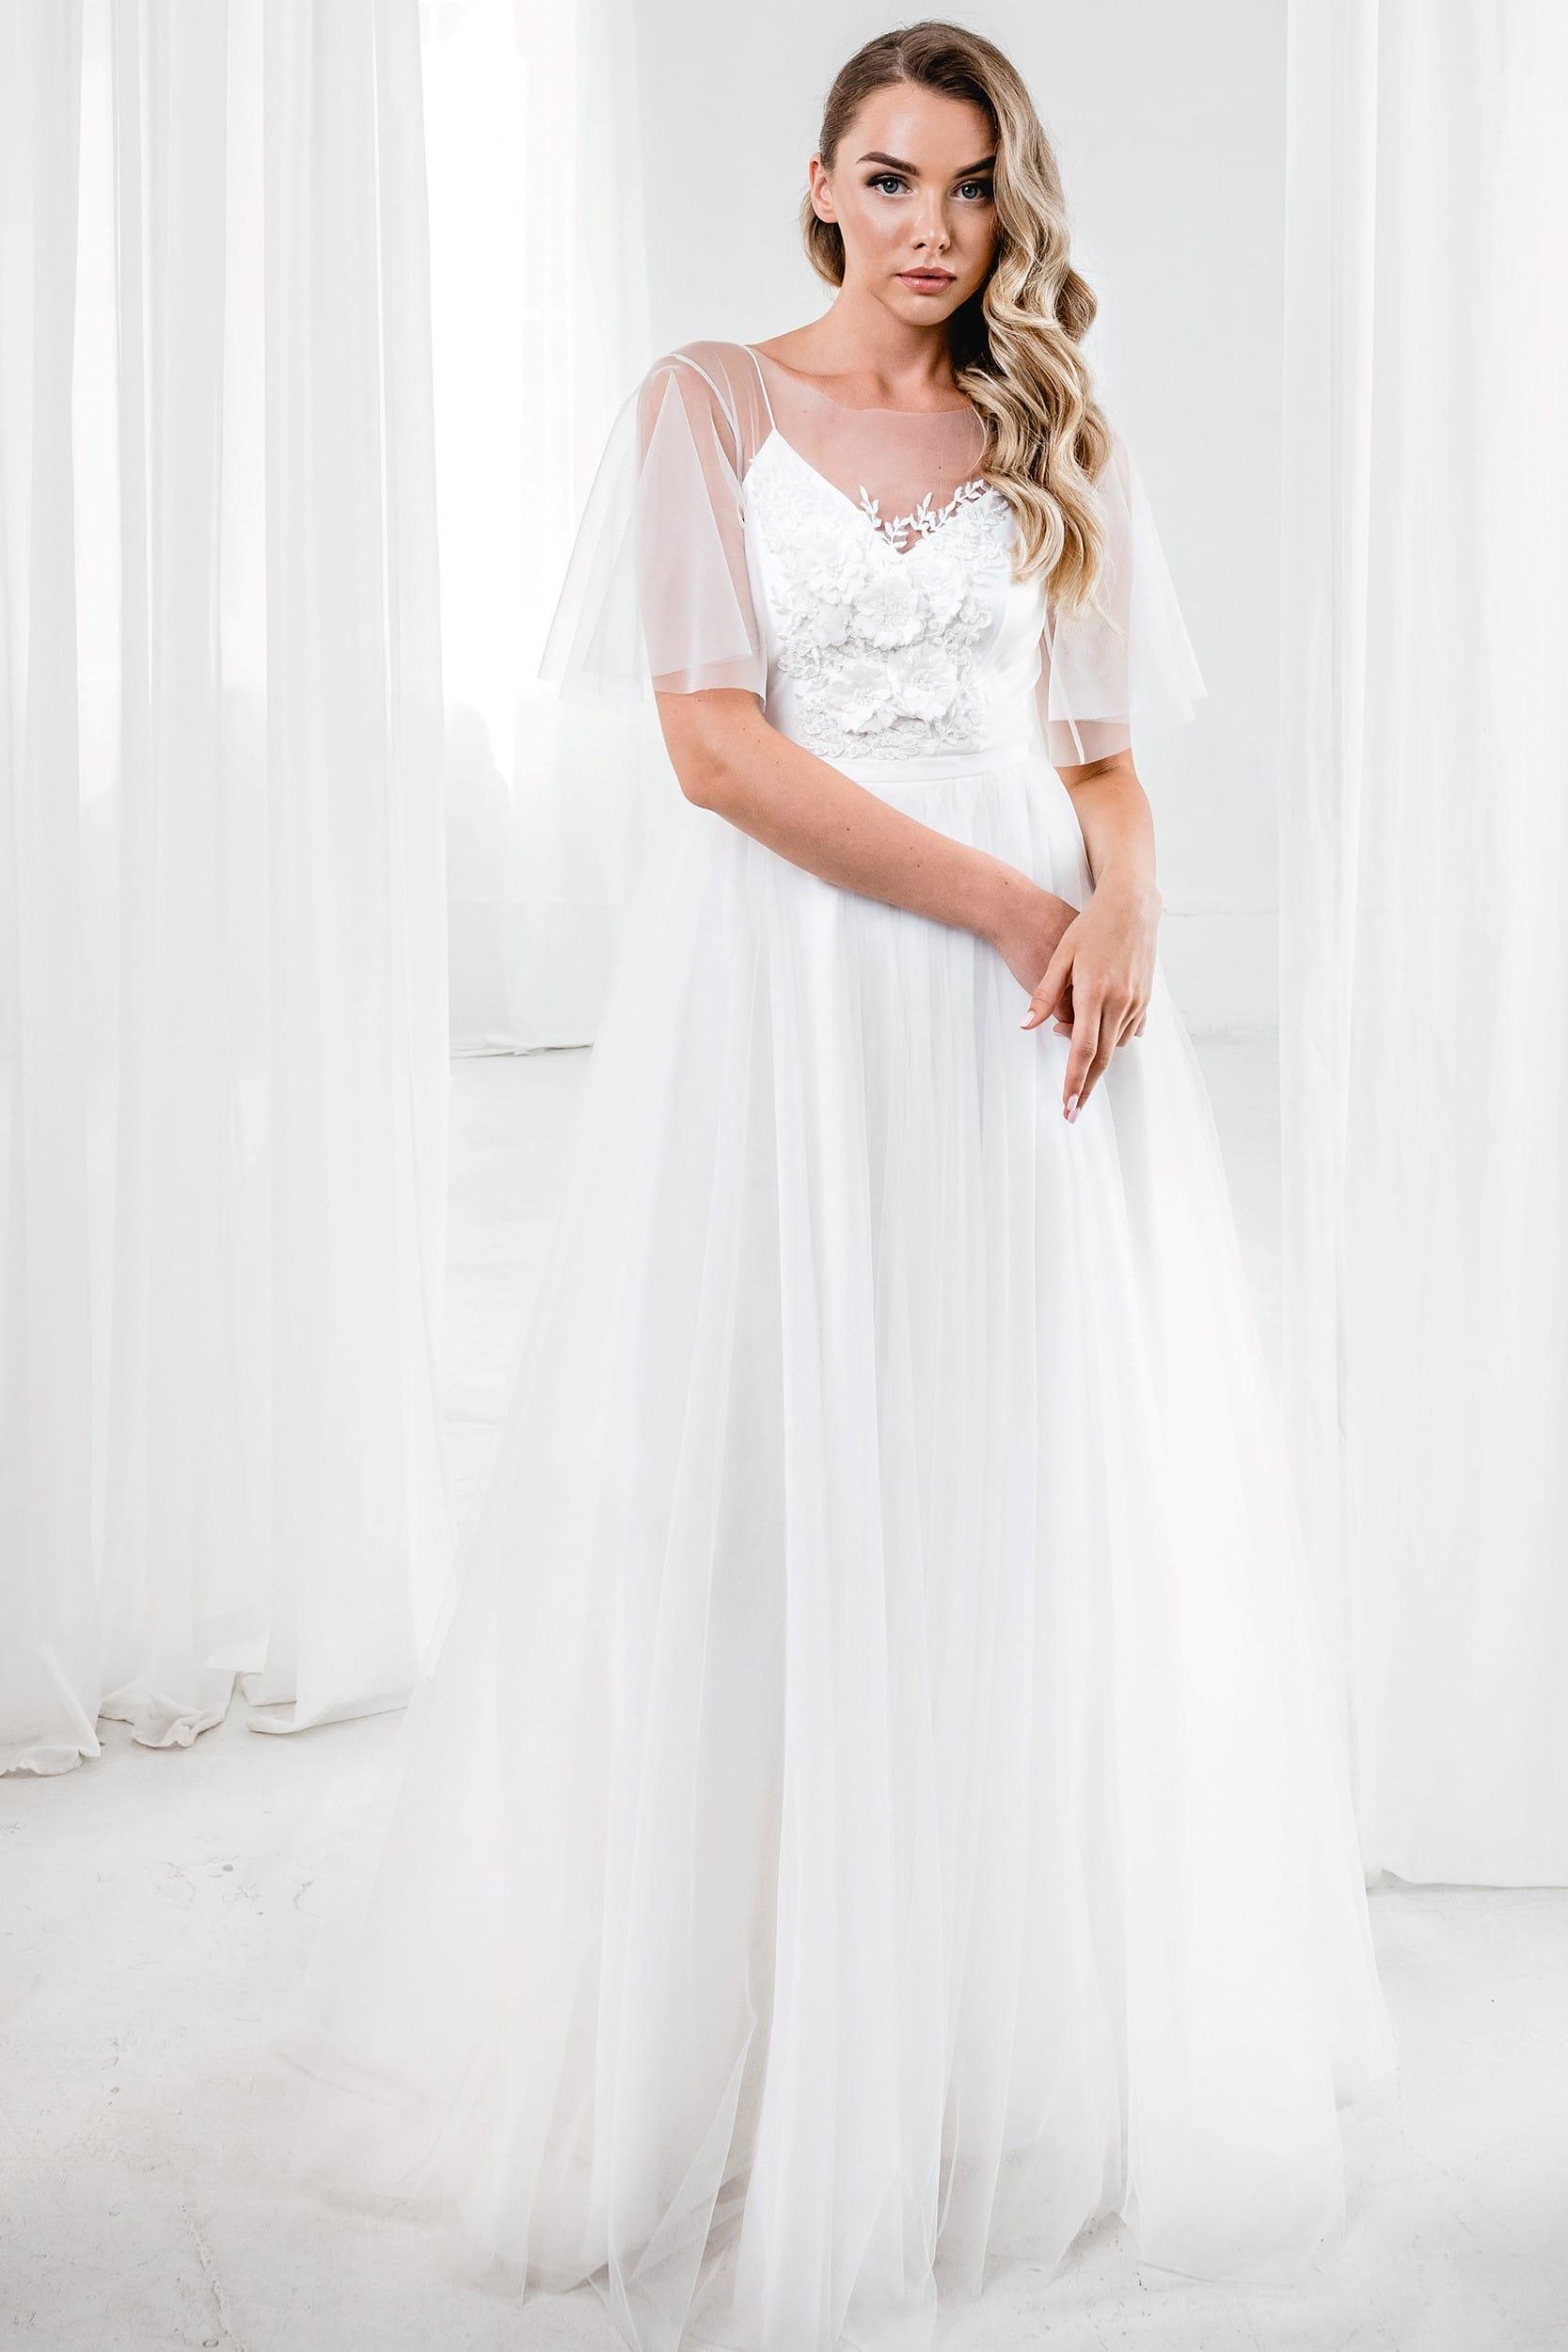 Свадебное платье с цветами и полупрозрачными рукавами в стиле рустик, а-силуэт, молочный цвет